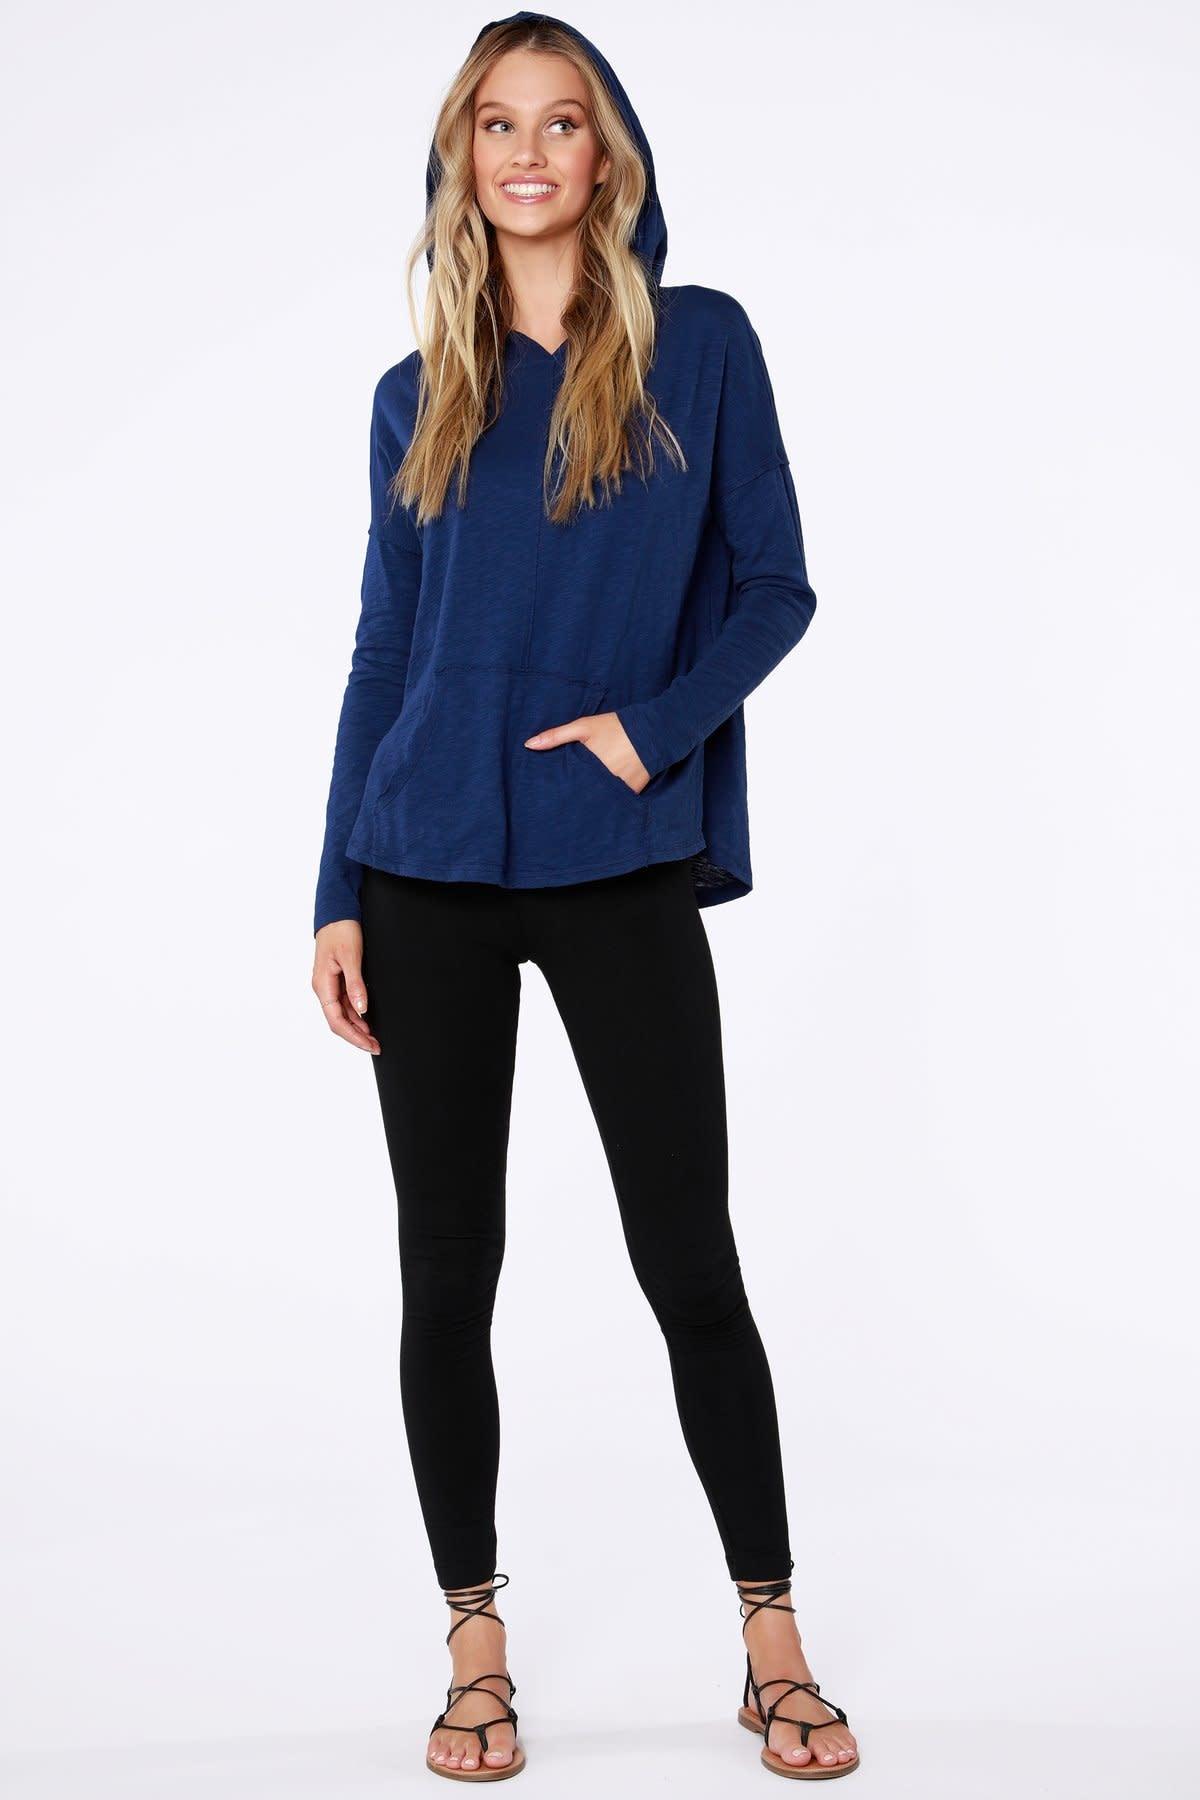 Hoodie Pullover Top